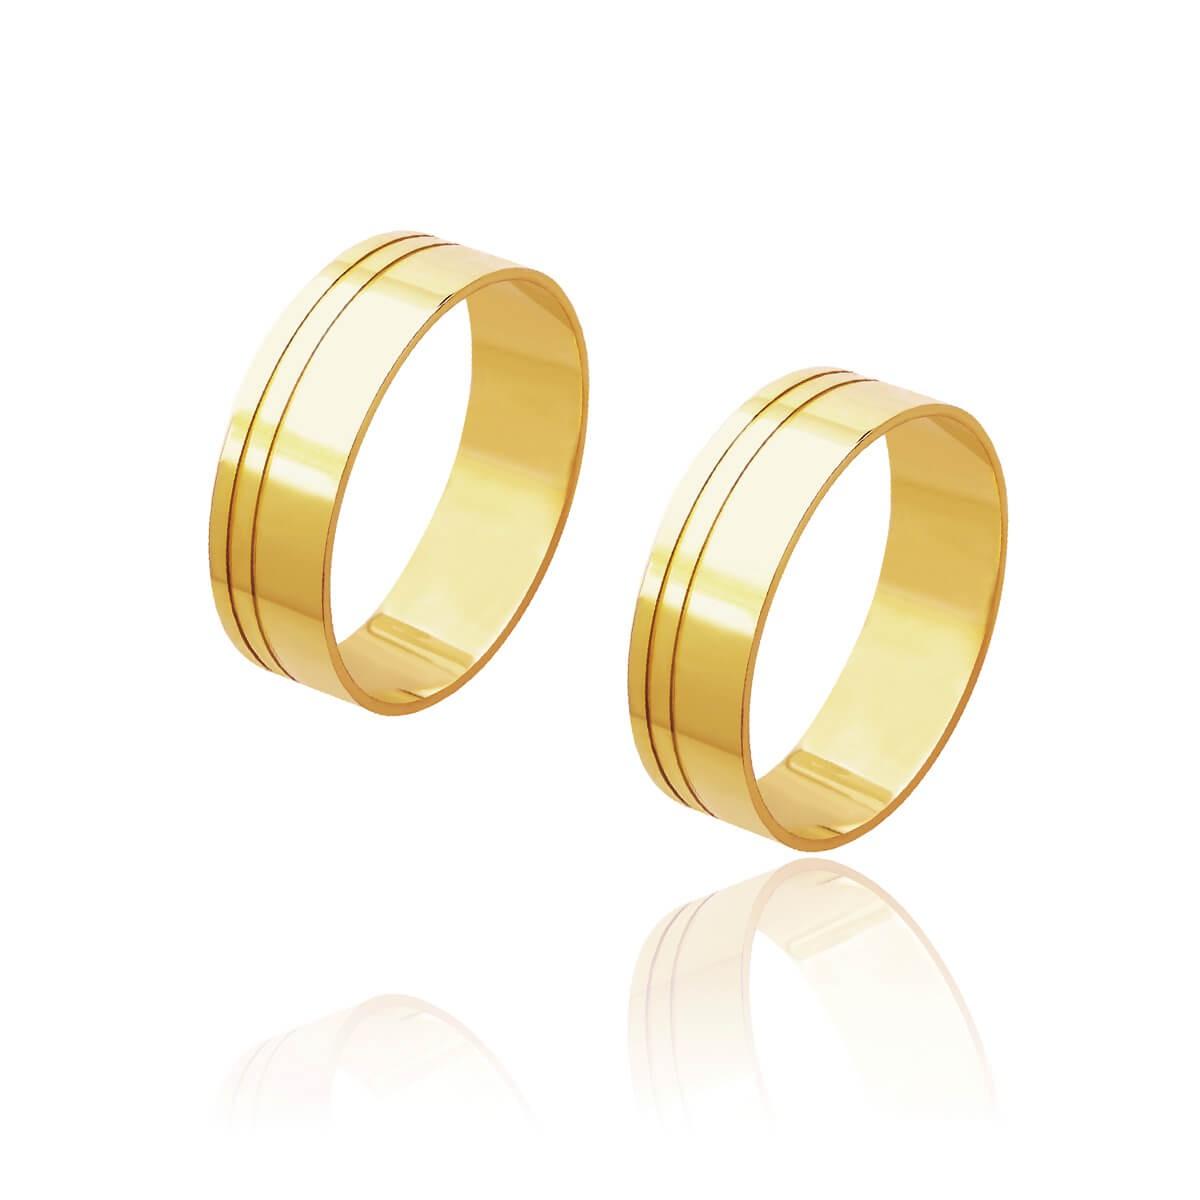 Par de Alianças de Casamento Cronos Ouro 18k Reta Frisos Laterais 6mm 6g